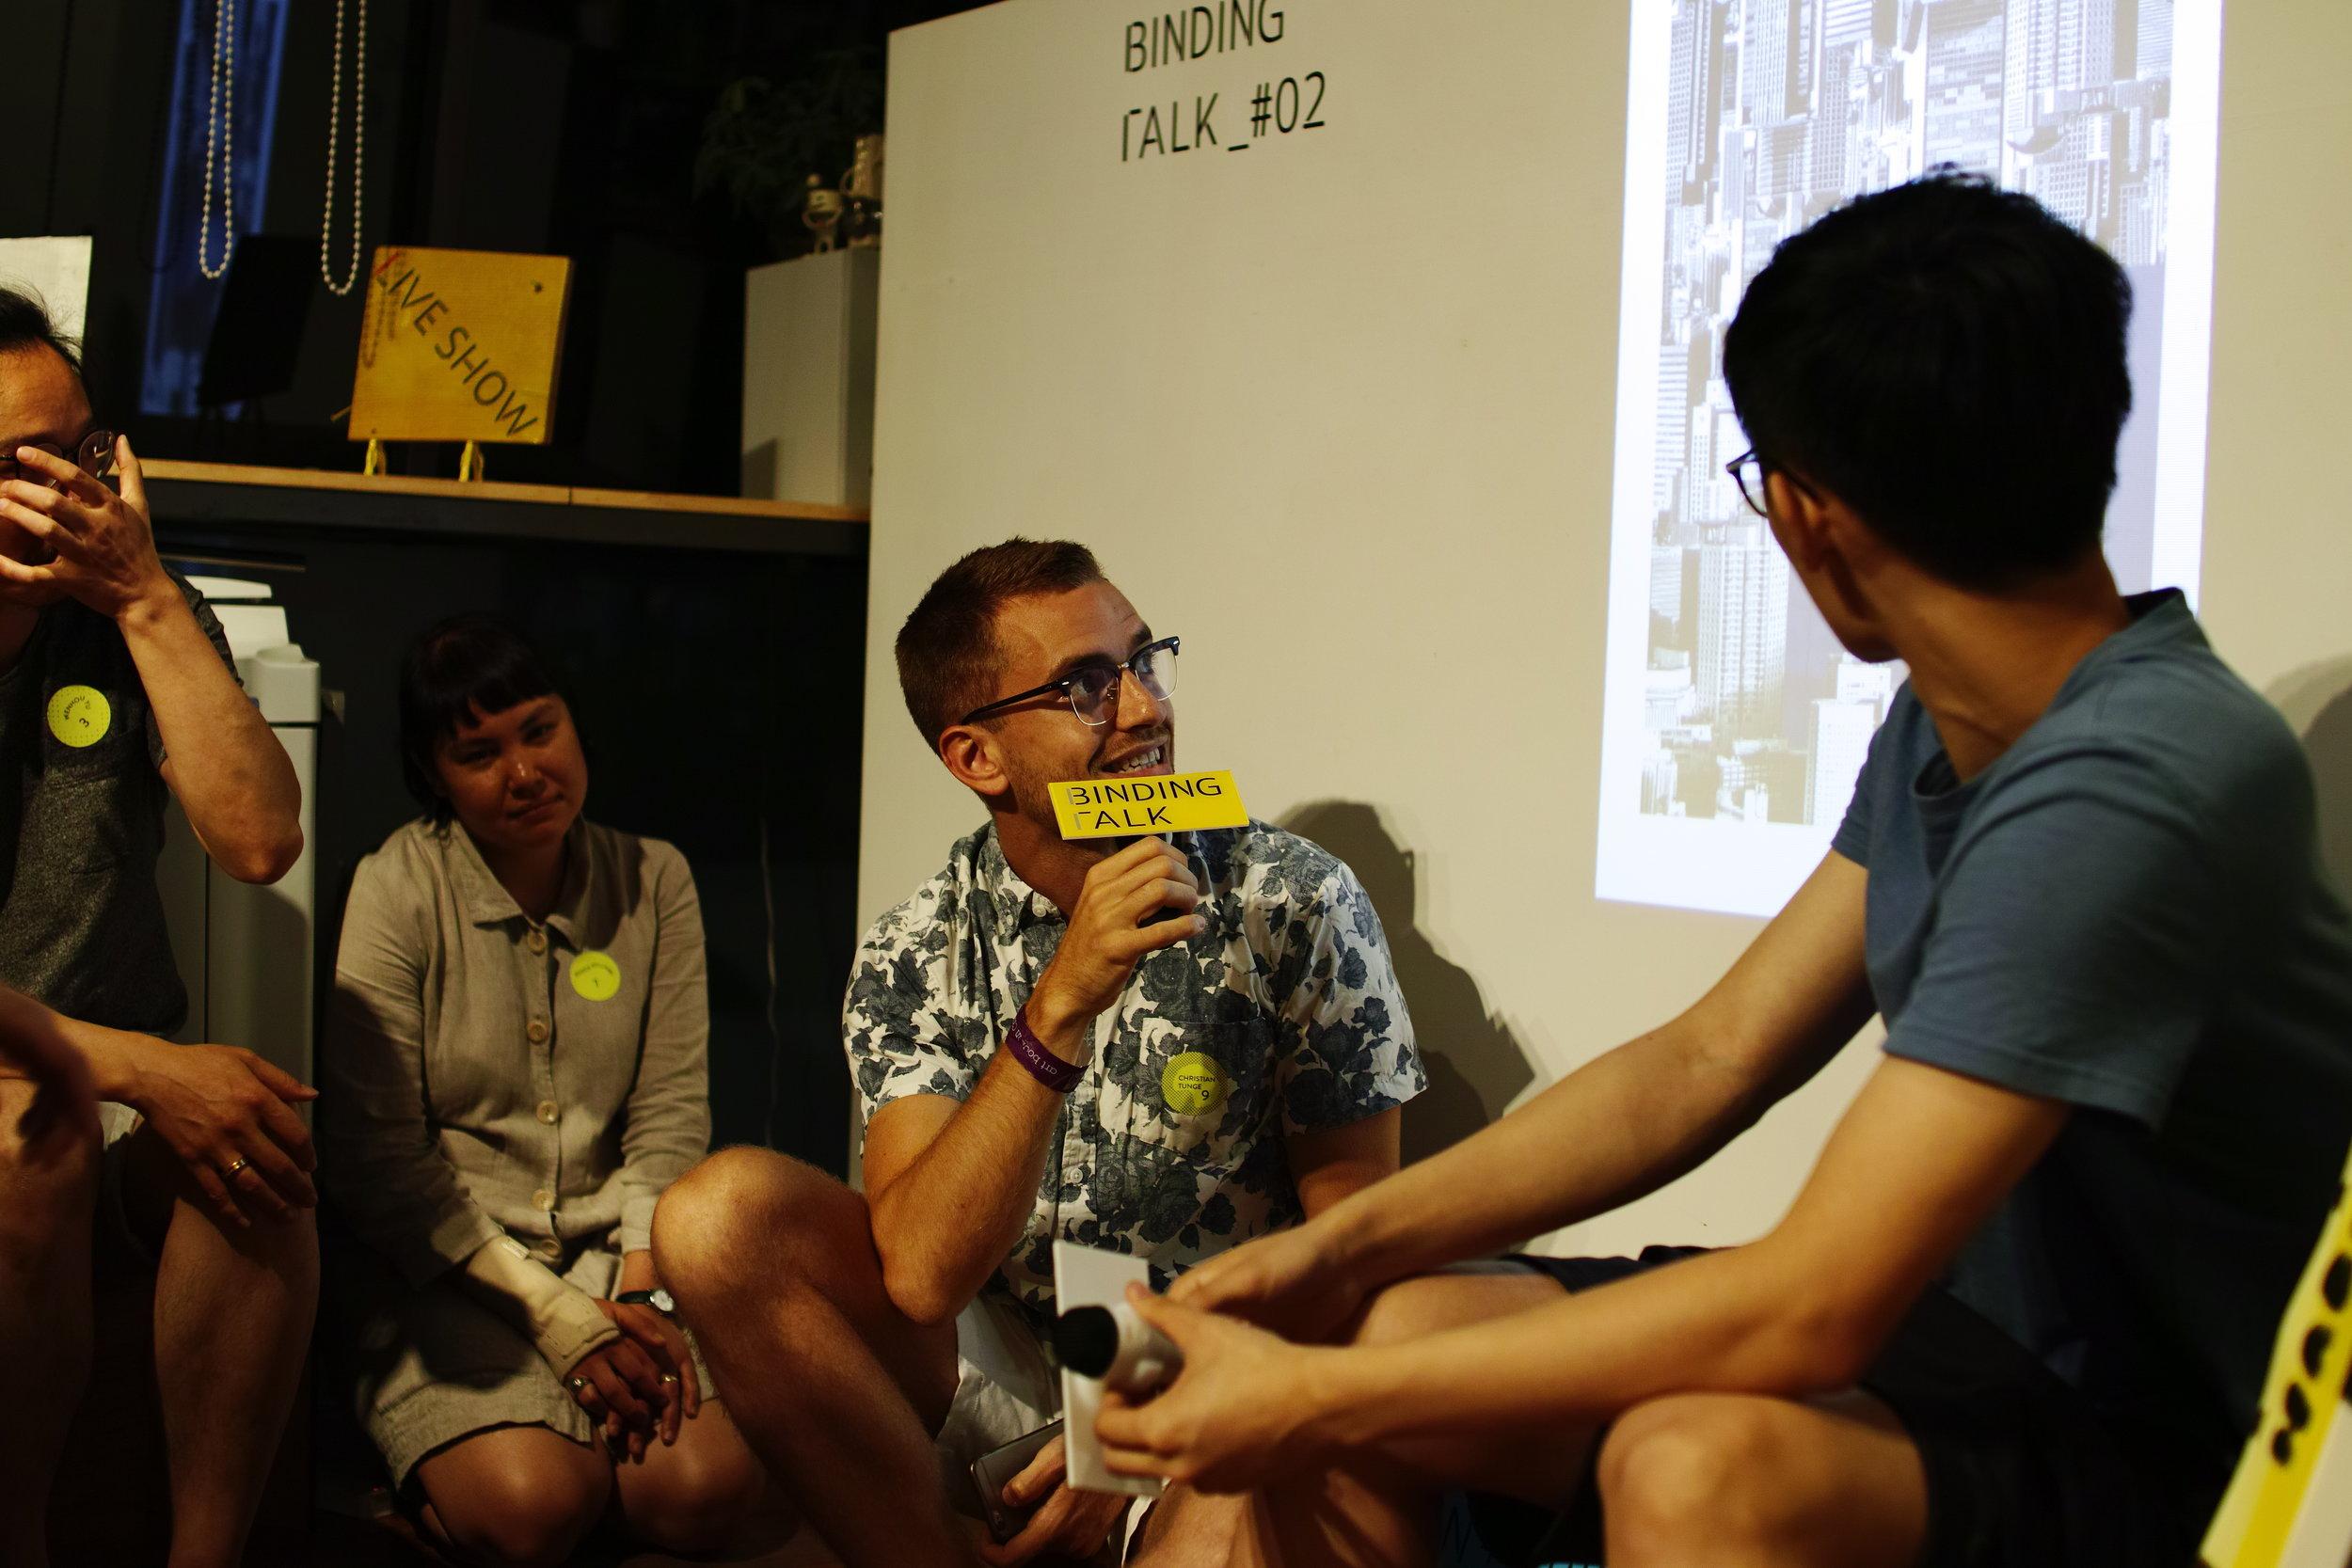 Binding Talk2.JPG